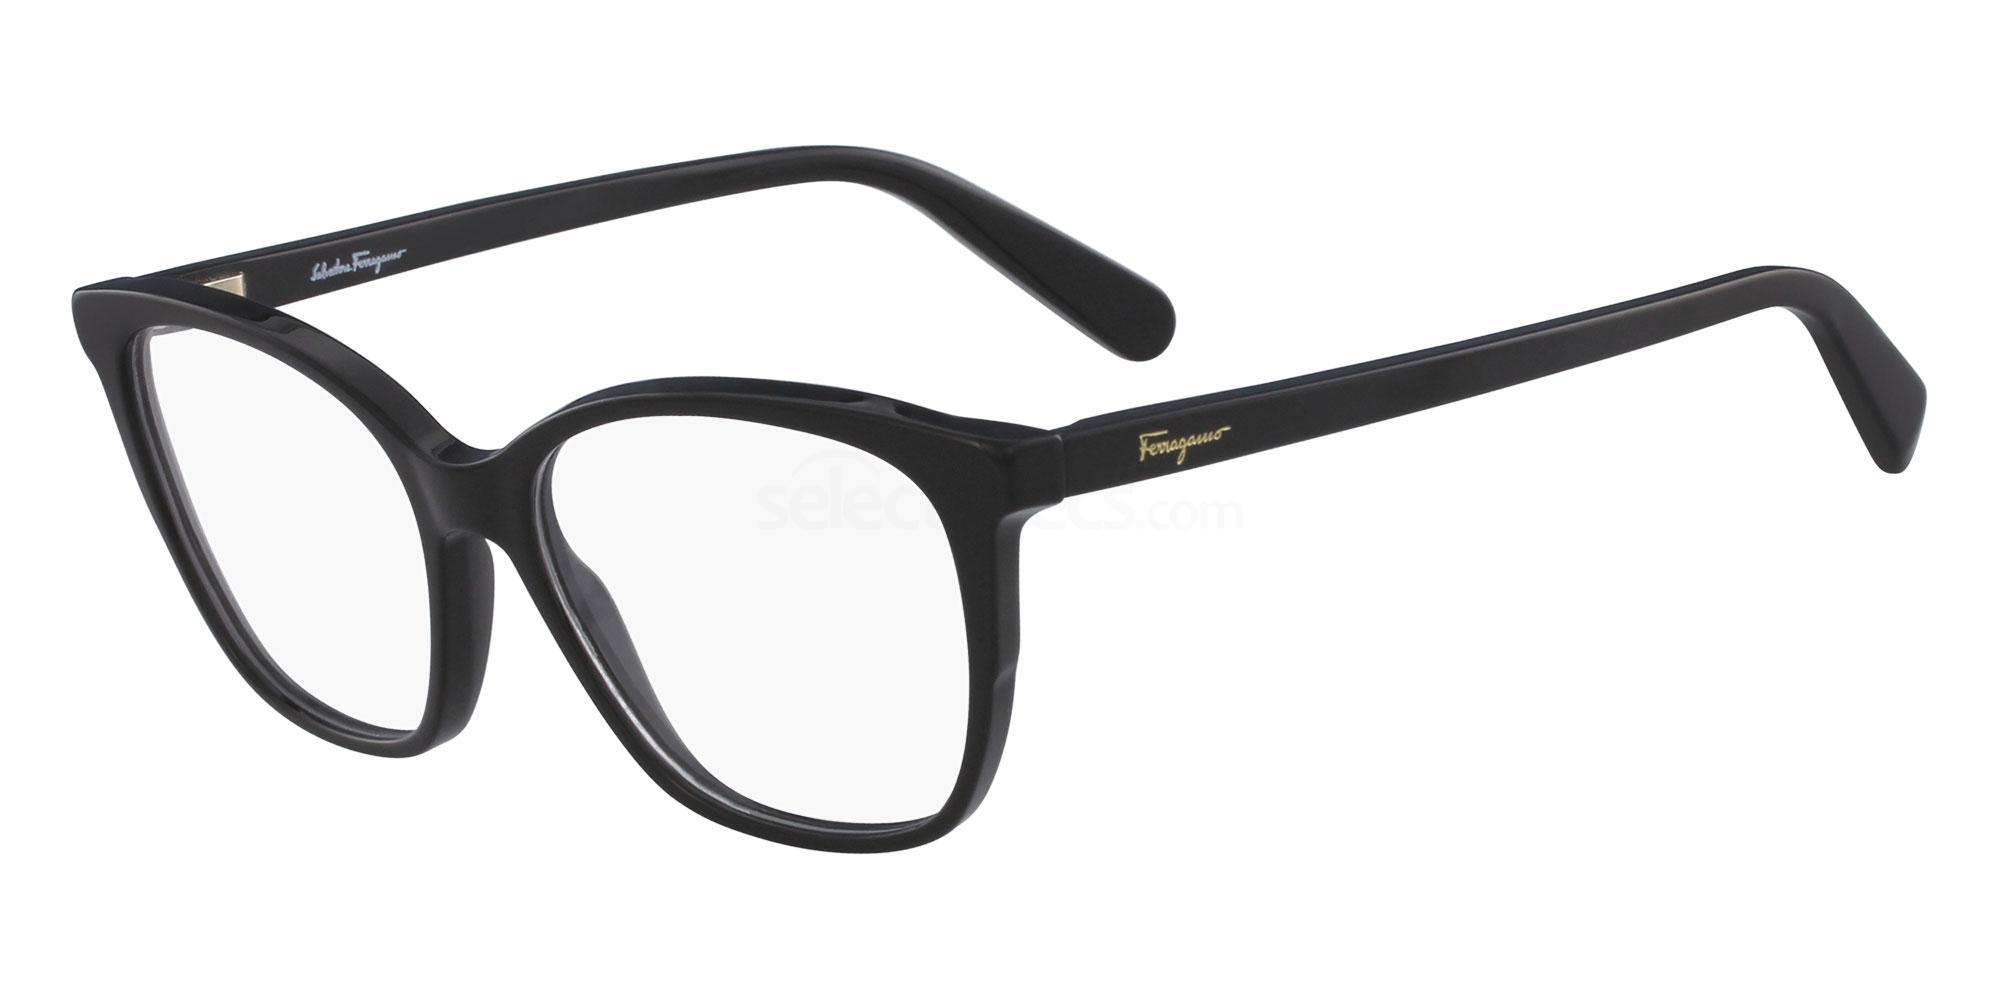 001 SF2817 Glasses, Salvatore Ferragamo